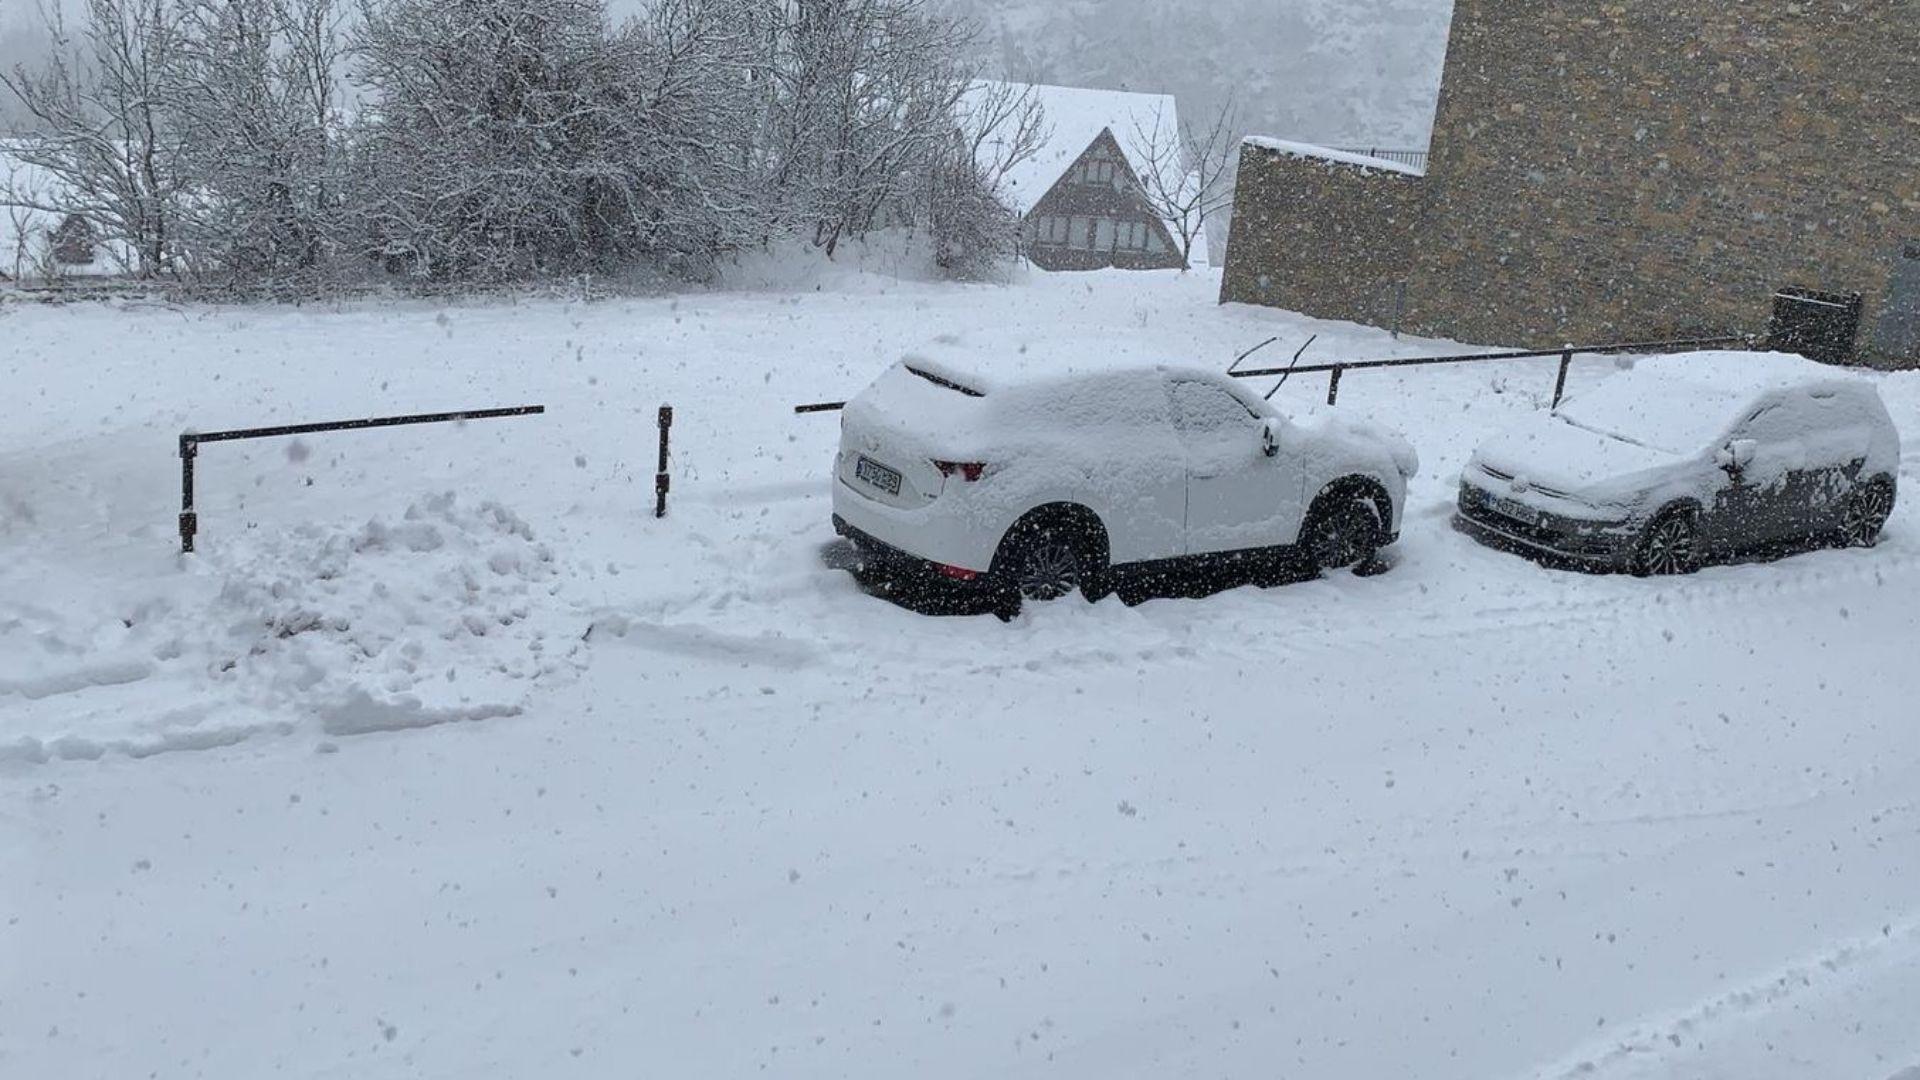 Carrer nevat a Bagergue, a la Vall d'Aran